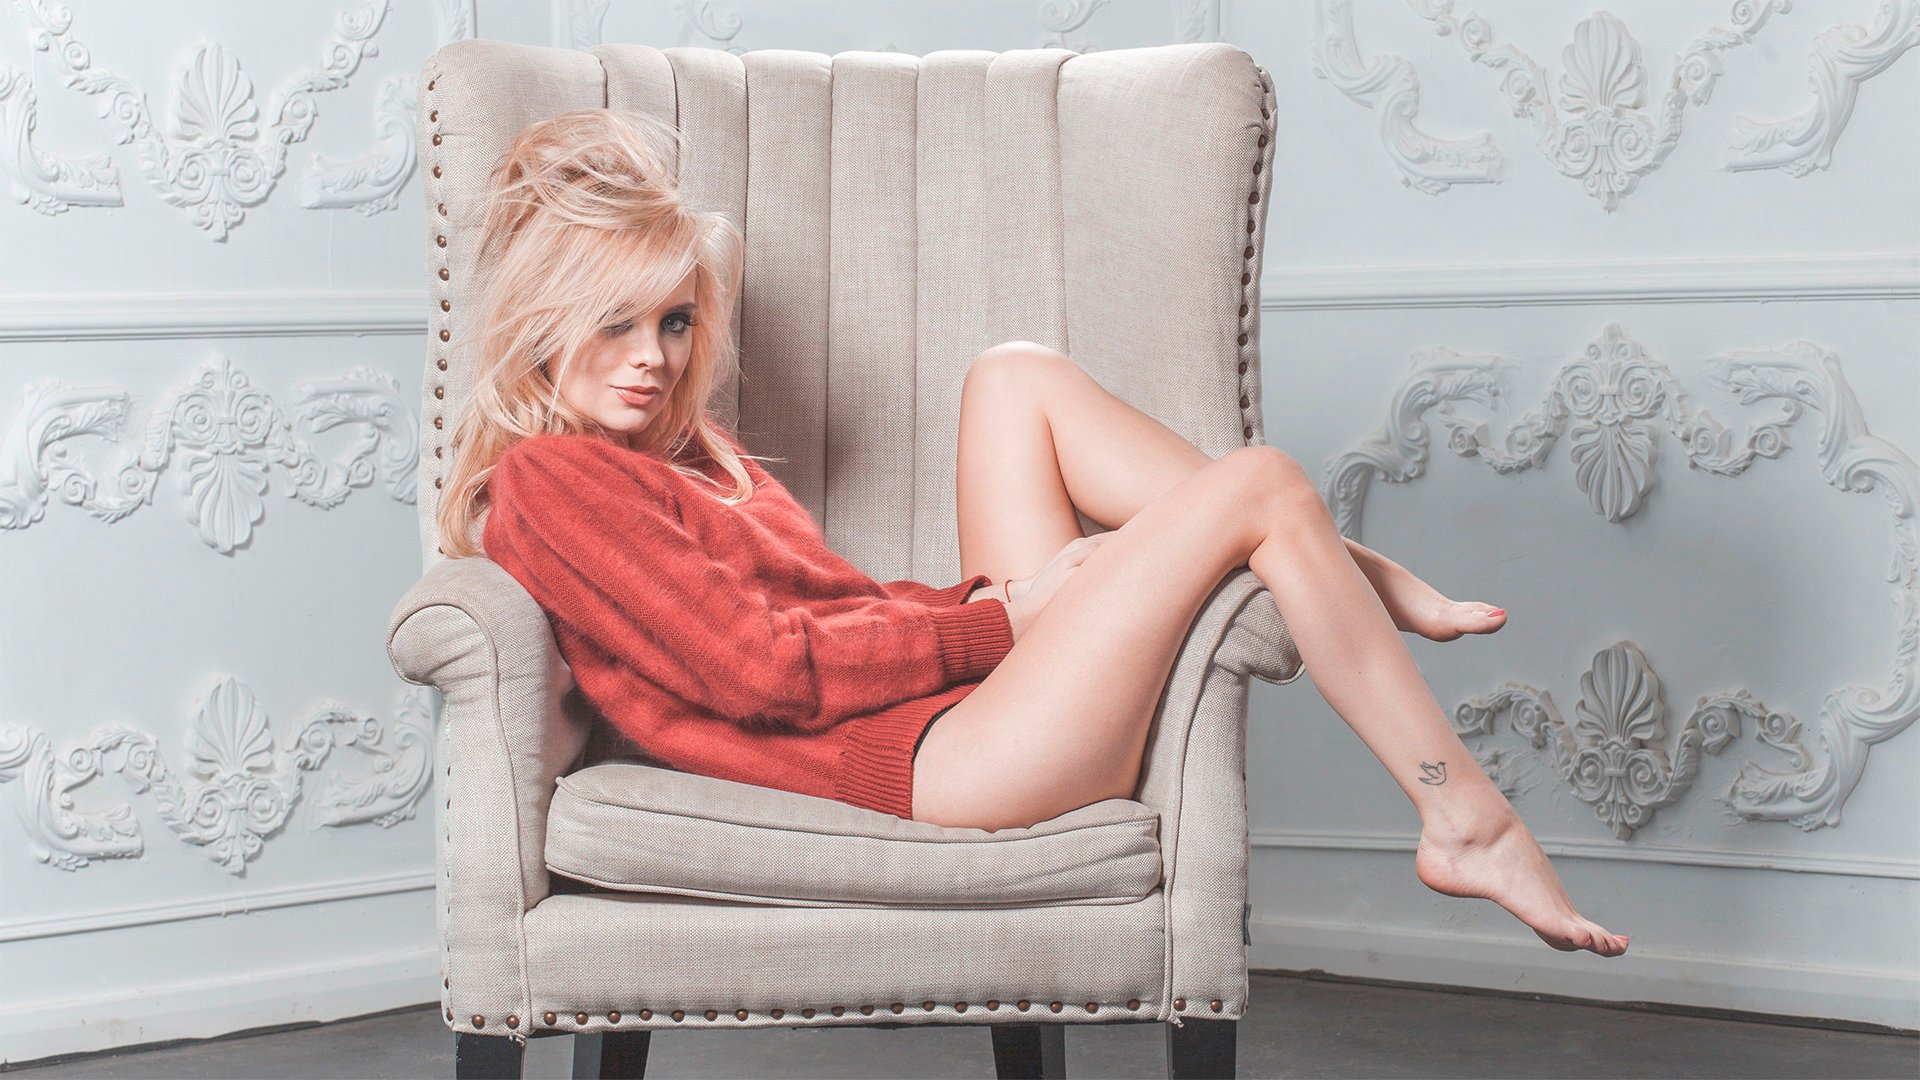 Артвид русское девушка блонда в кресле проститутки